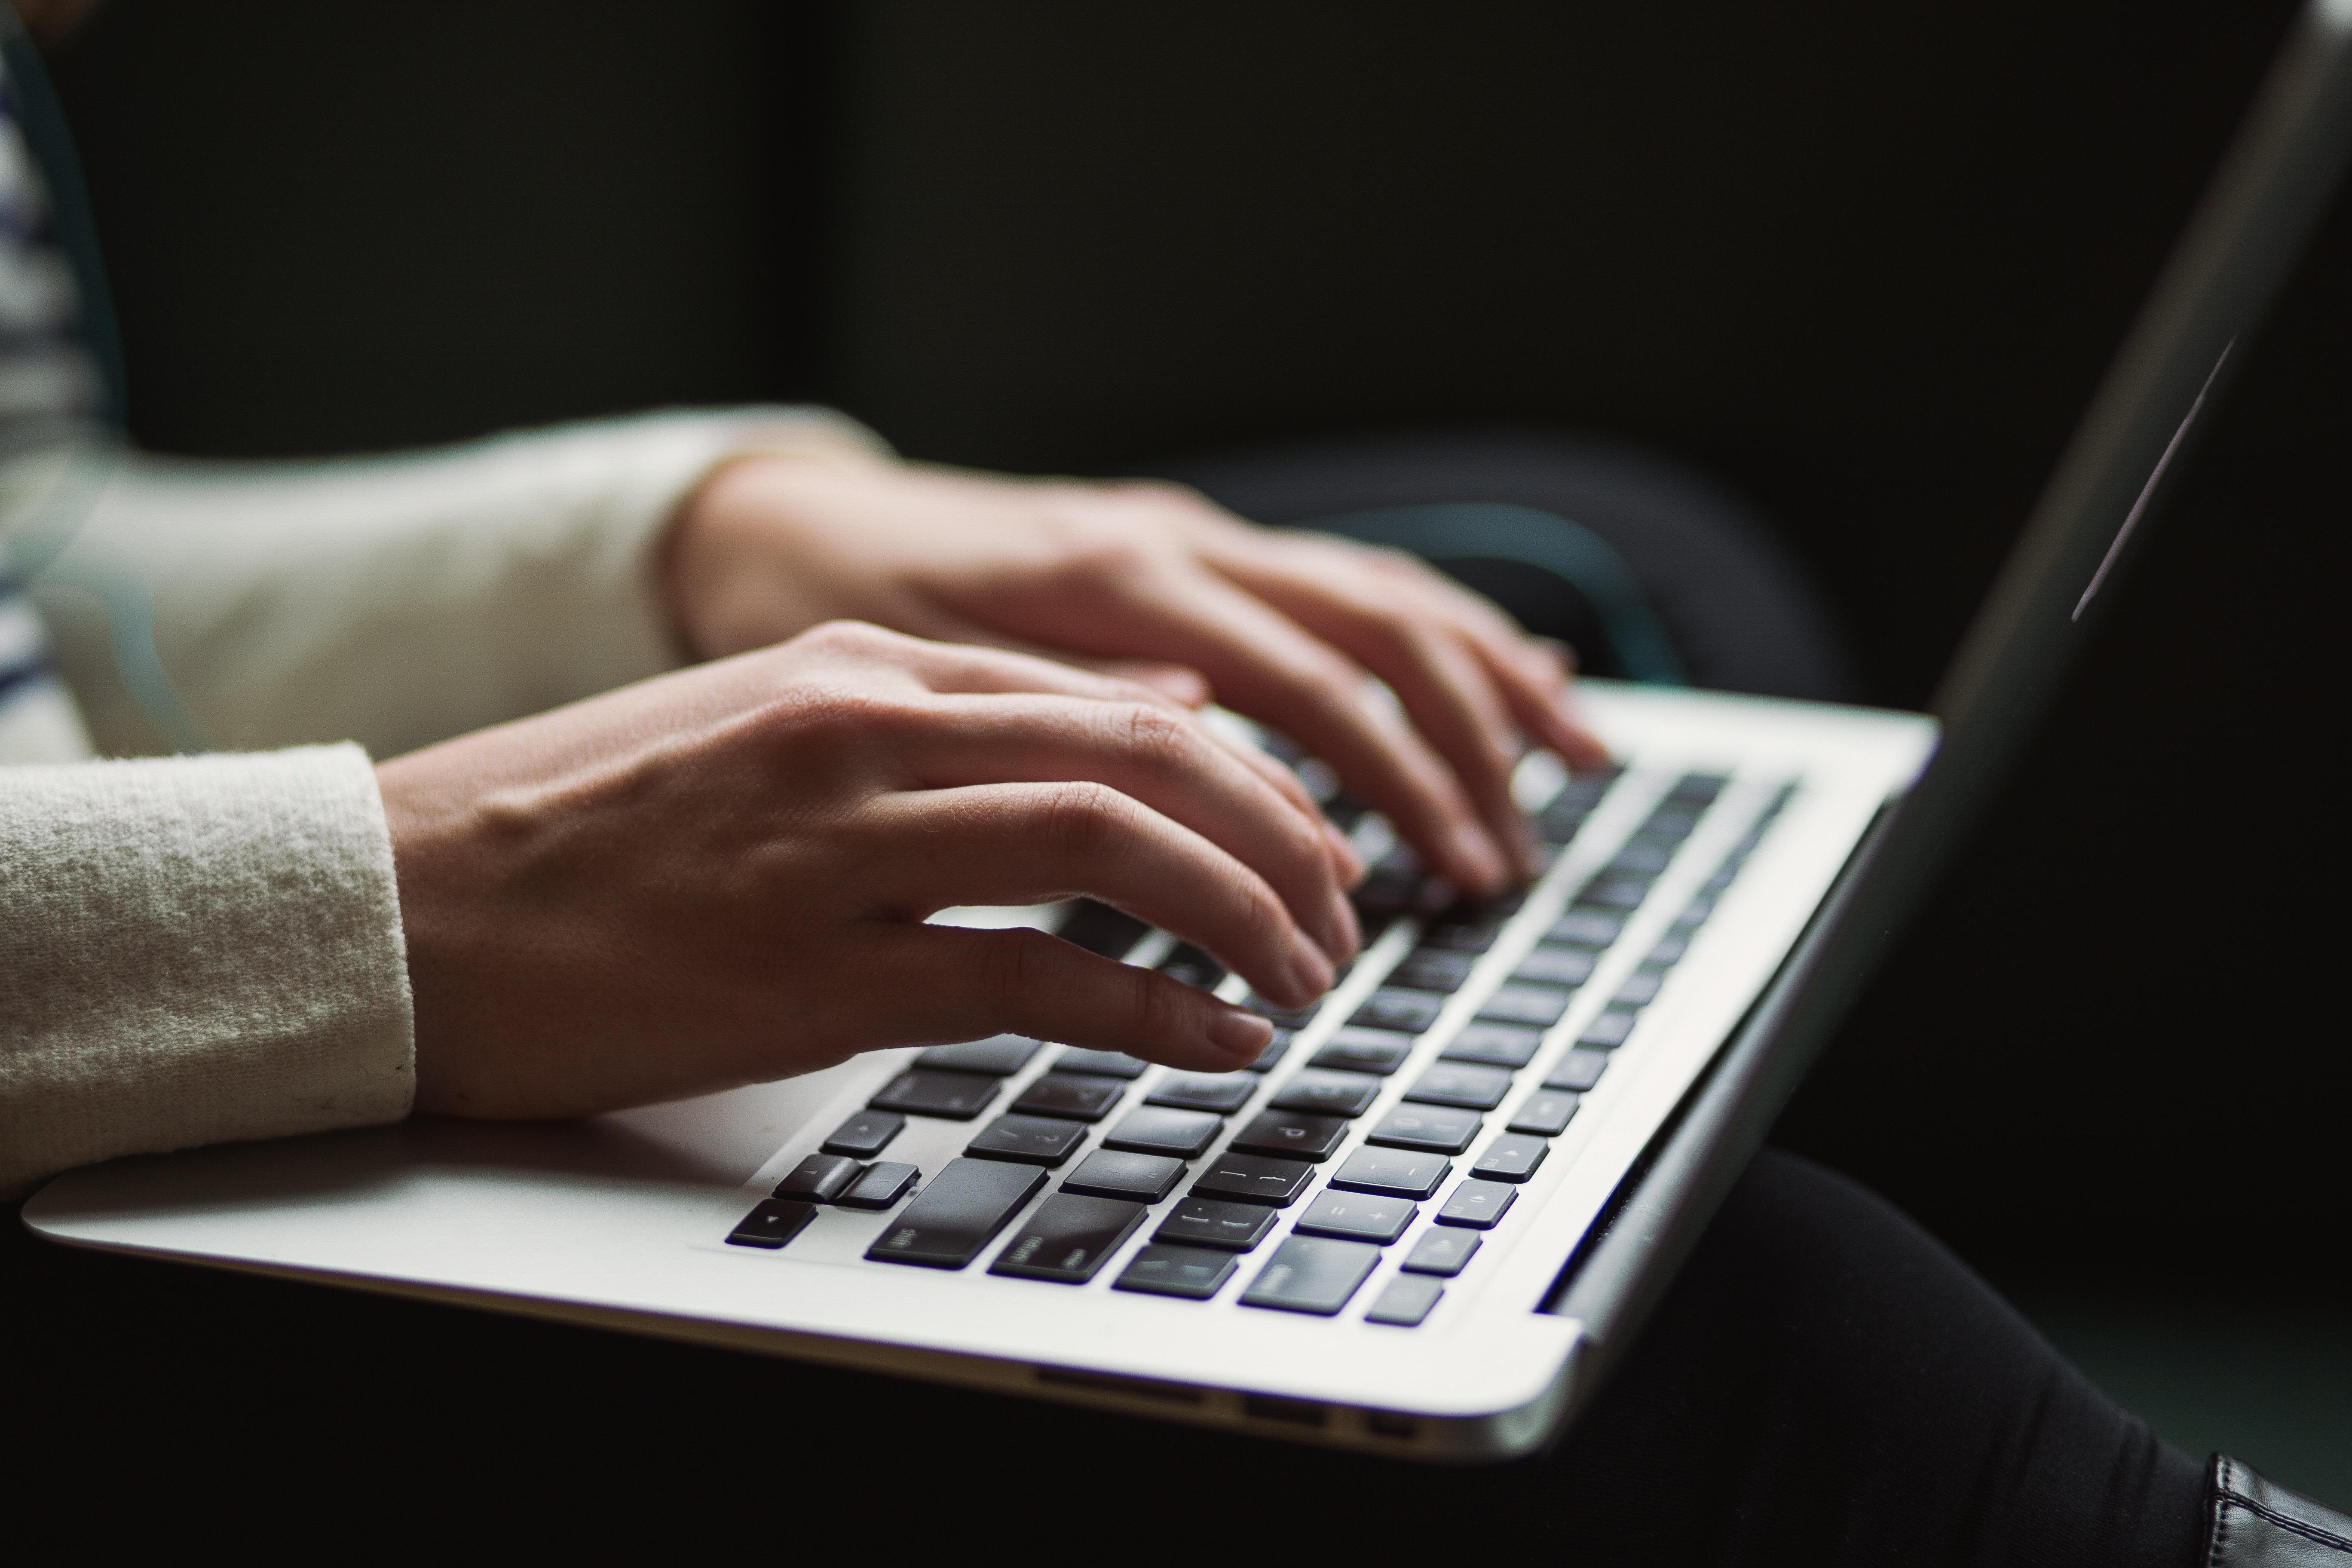 Come scrivere un post di successo sul tuo blog